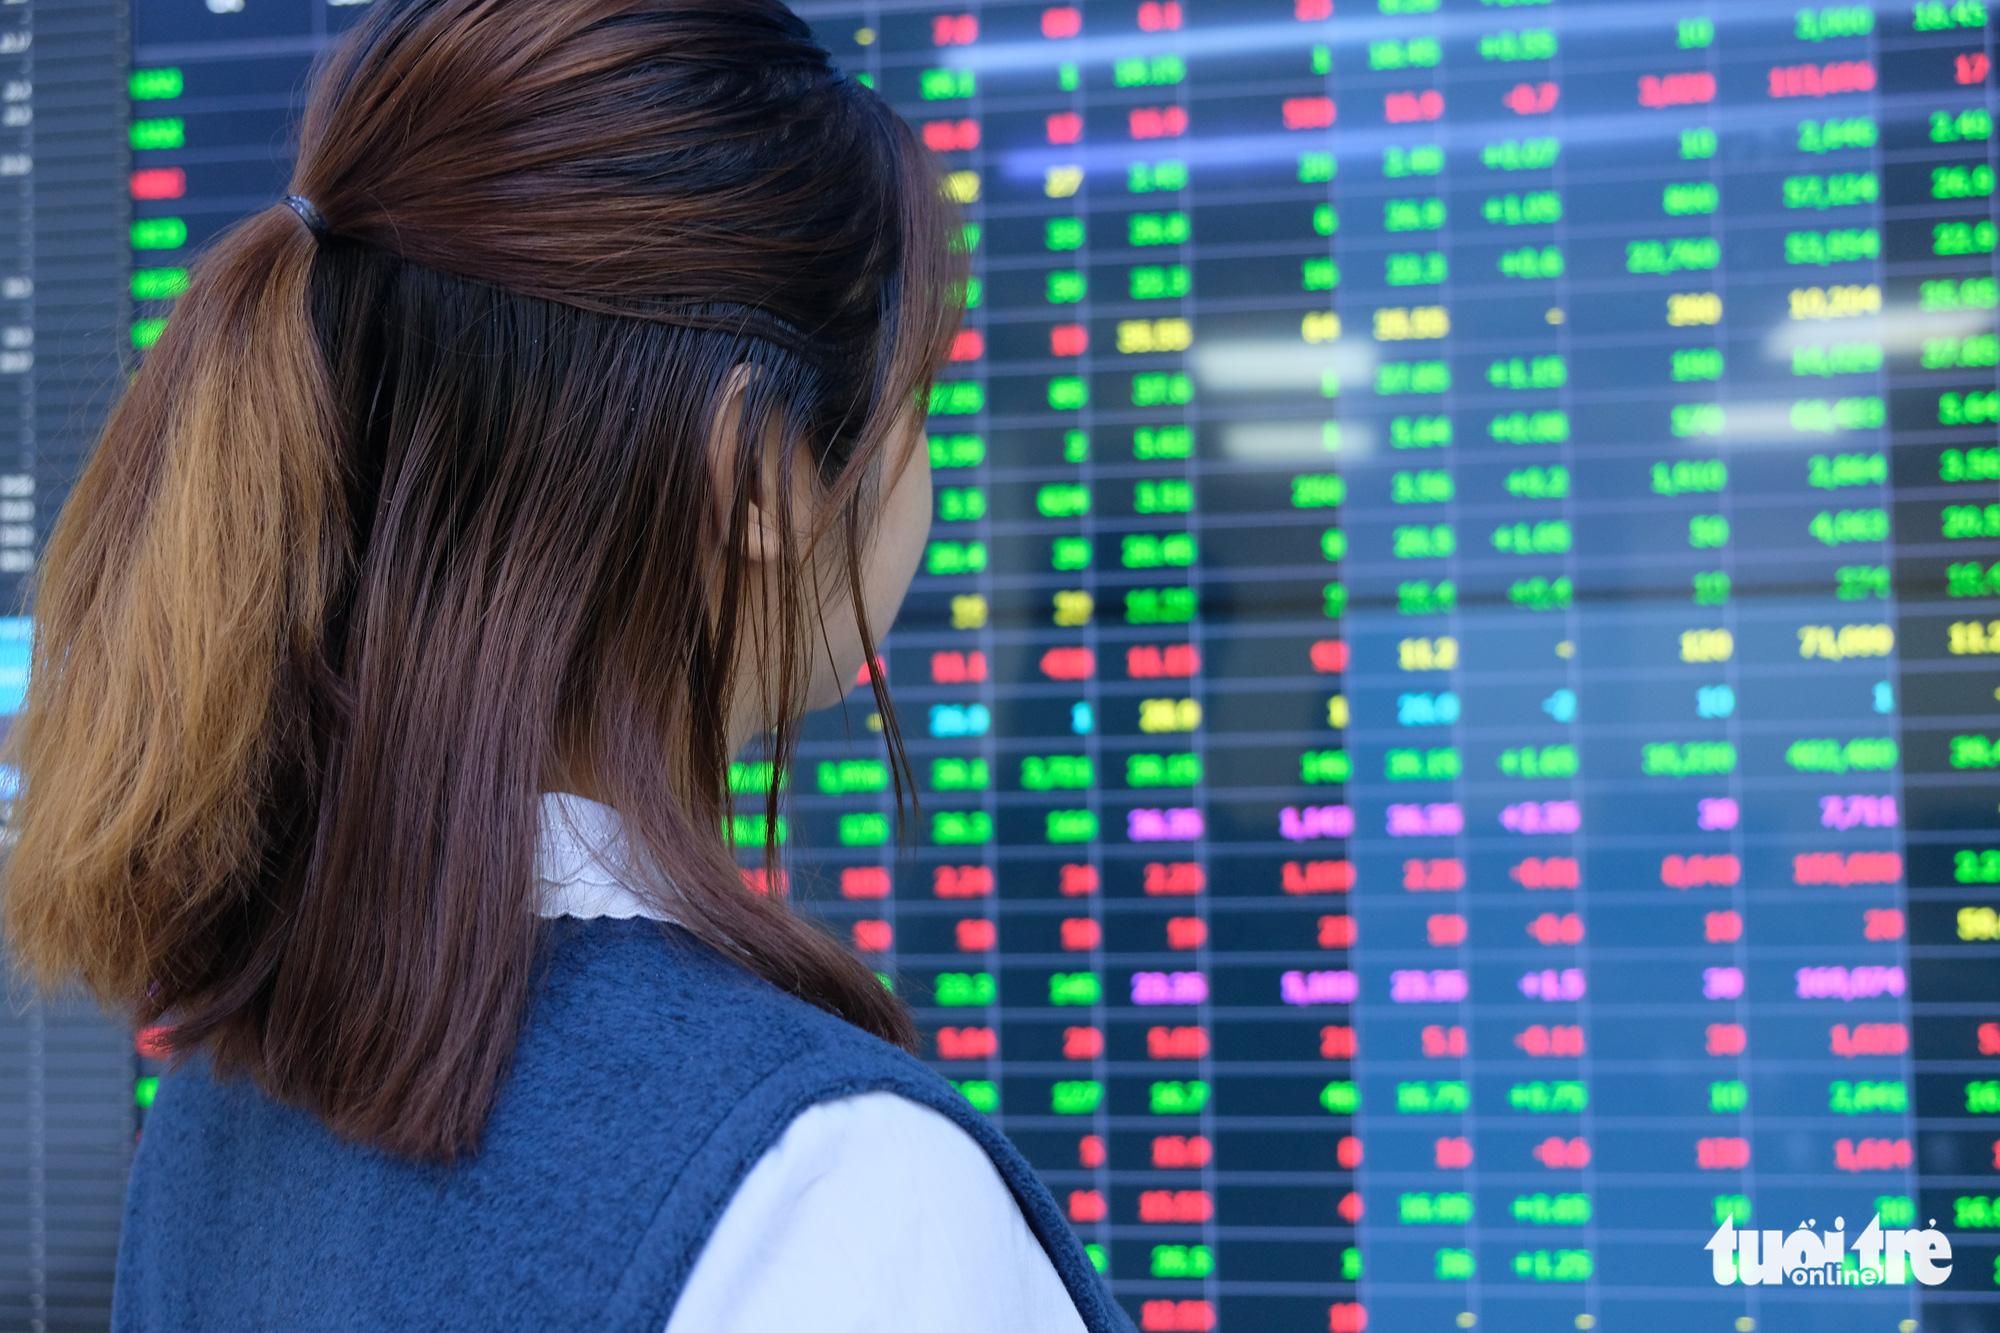 Doanh nghiệp thua lỗ triền miên, giá cổ phiếu vẫn tăng vùn vụt - Ảnh 1.